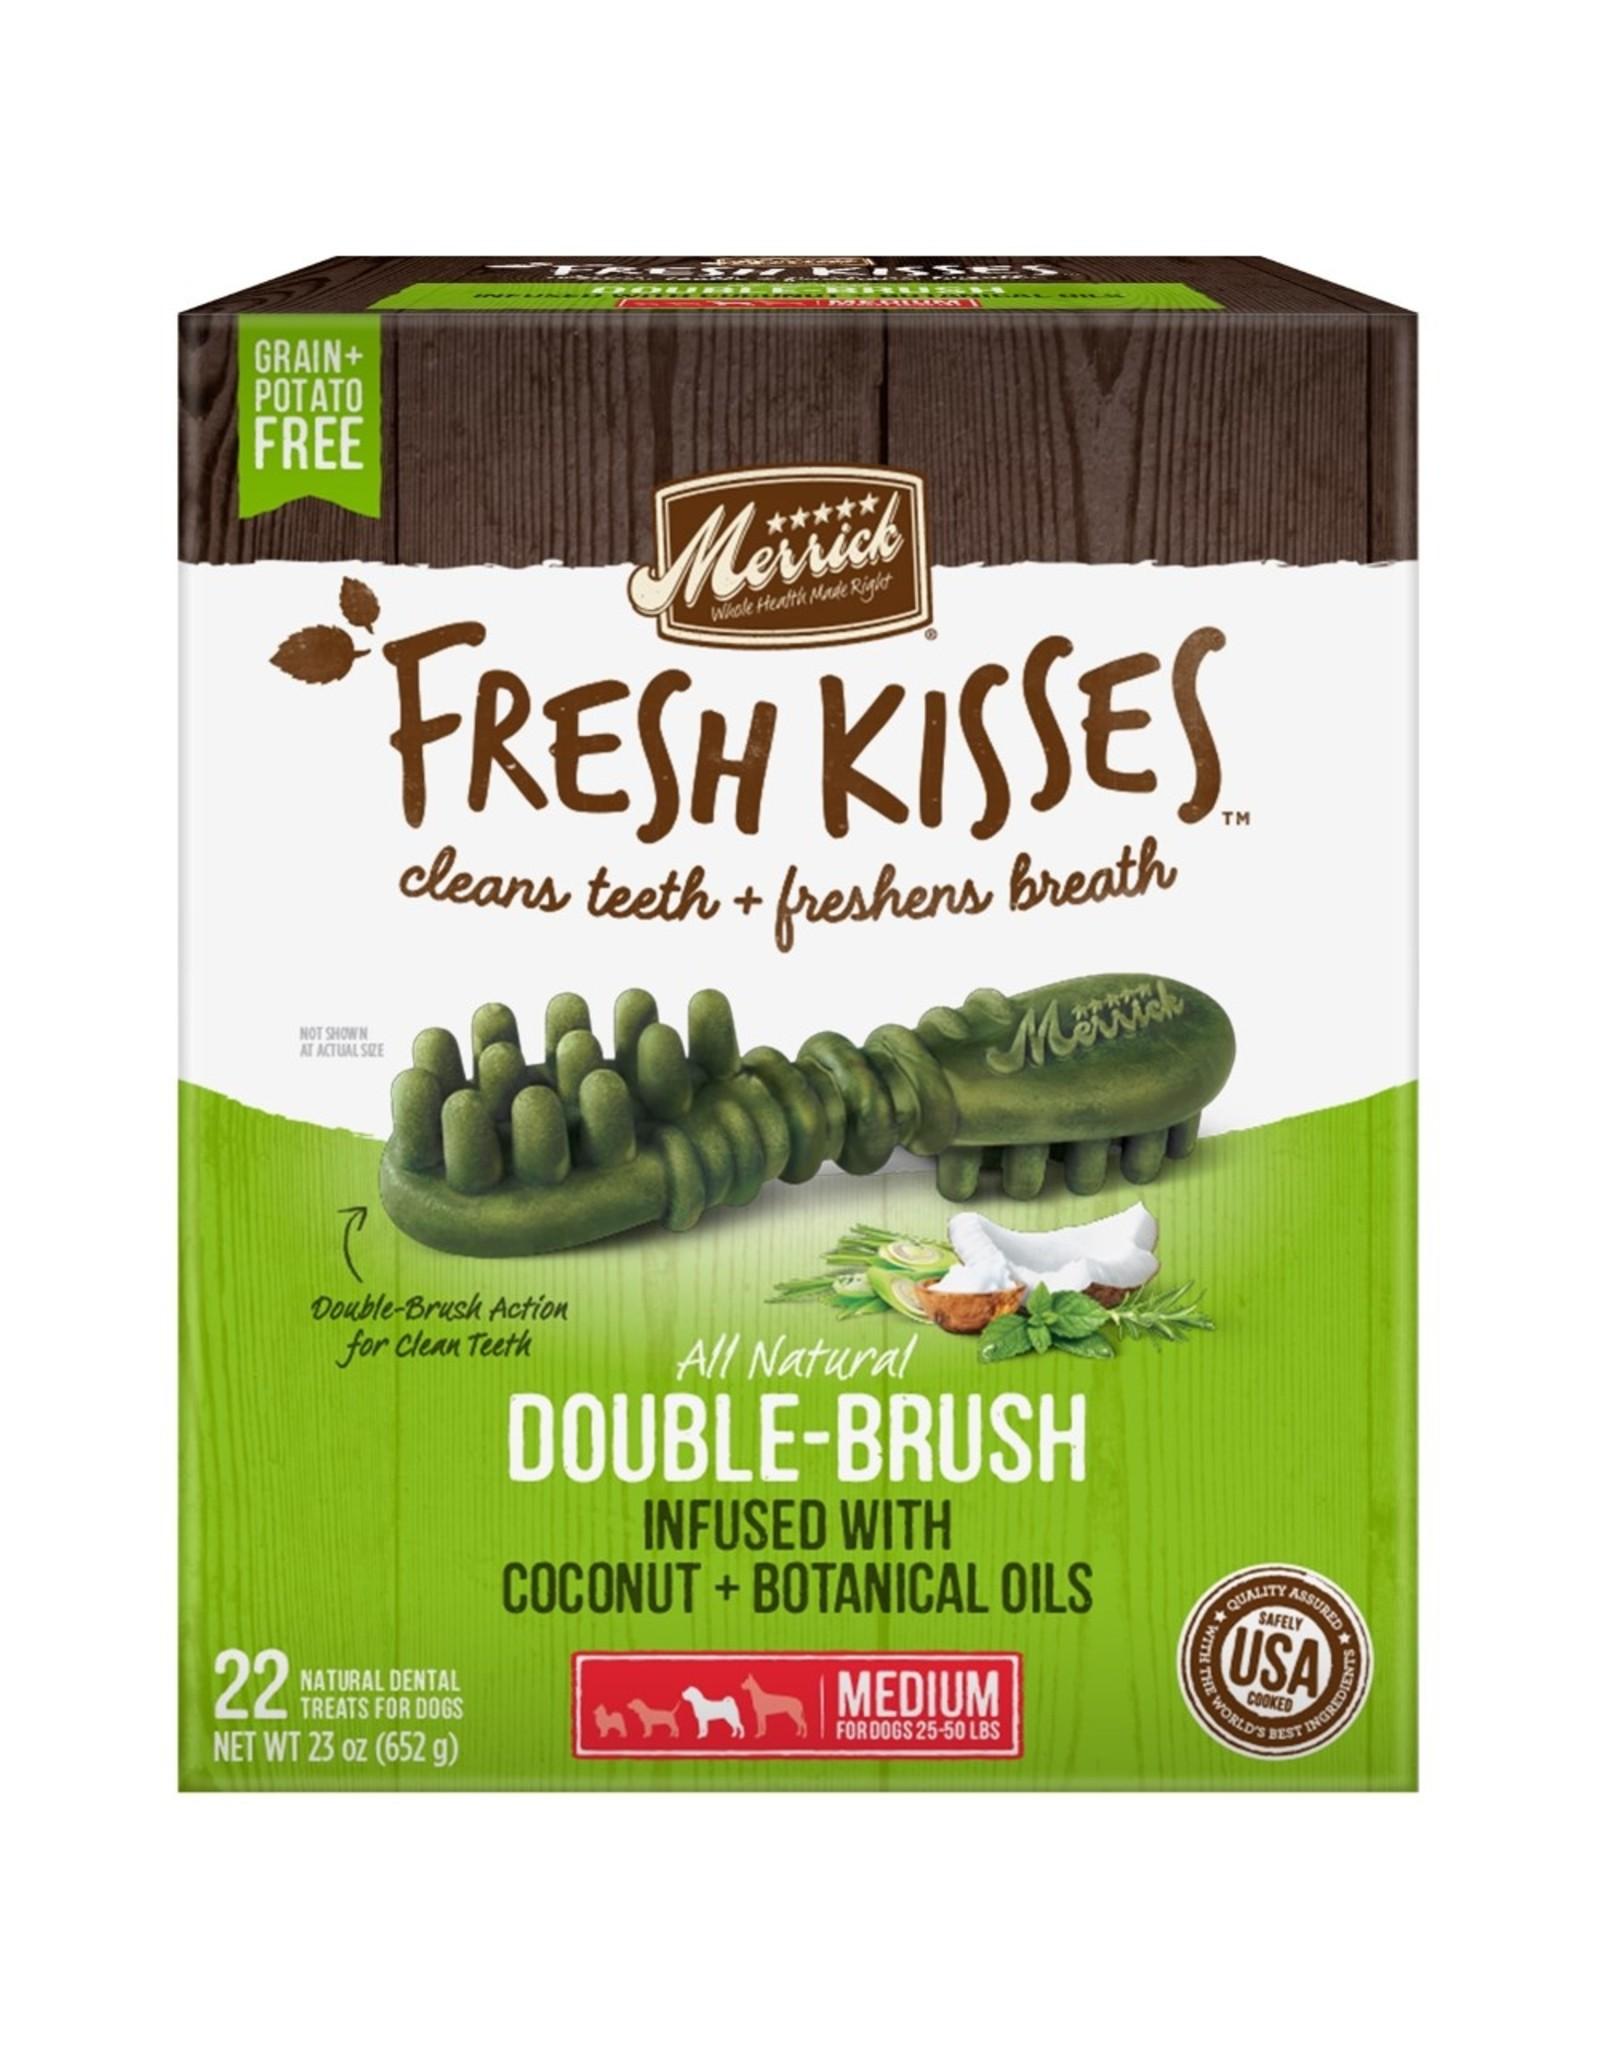 Merrick Fresh Kisses Coconut (MED) 22 count